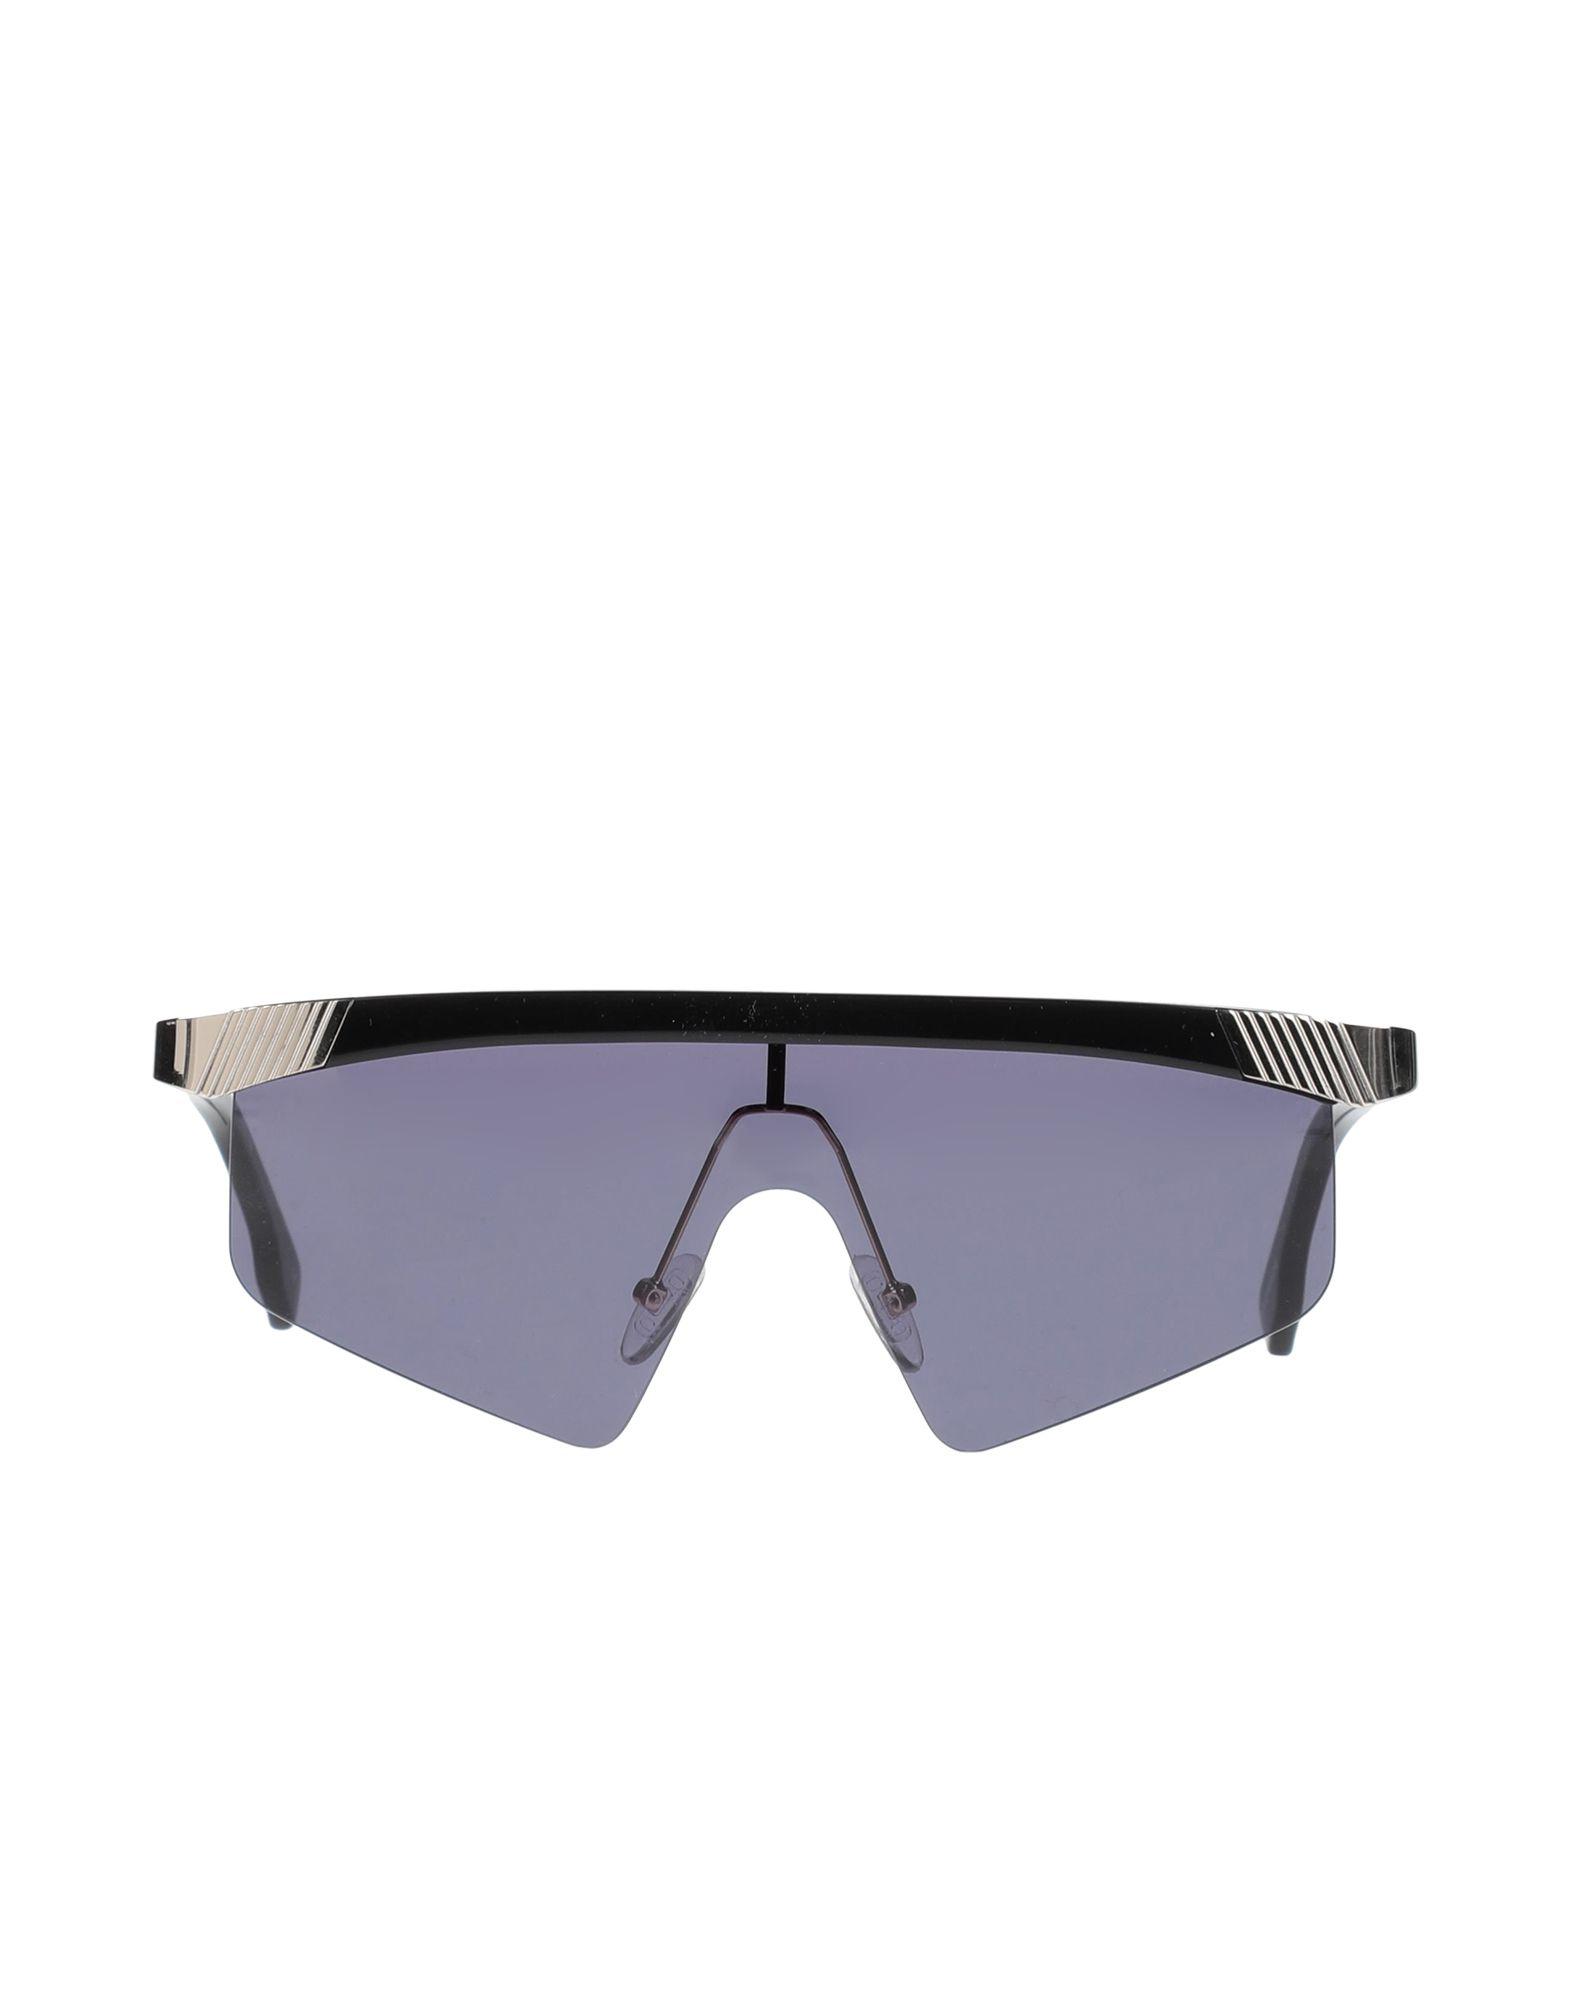 LE SPECS Солнечные очки звук метров inmix 2472 памяти металла очки мужской моды тенденция ретро очки кадр очки кадр черный